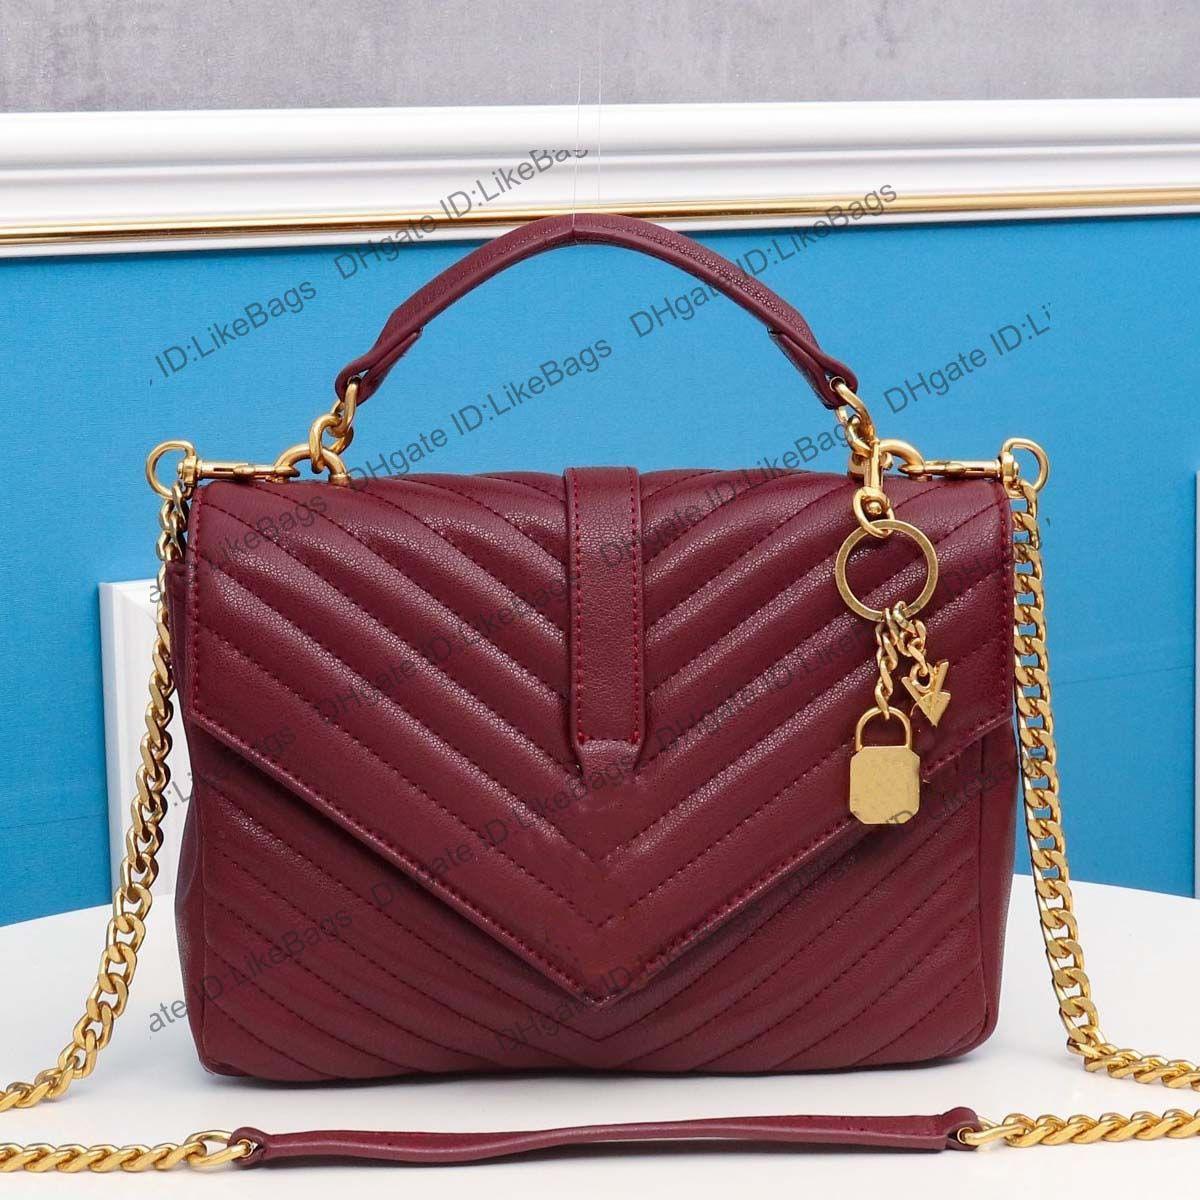 Diseñadores de lujos para mujer Bolsos de Crossbody Bolsos Classic Bolsos Monederos Totes Compuesto Totes de cuero genuino Embrague Carteras Cadena Hombro Cross Cross Shopping Bag